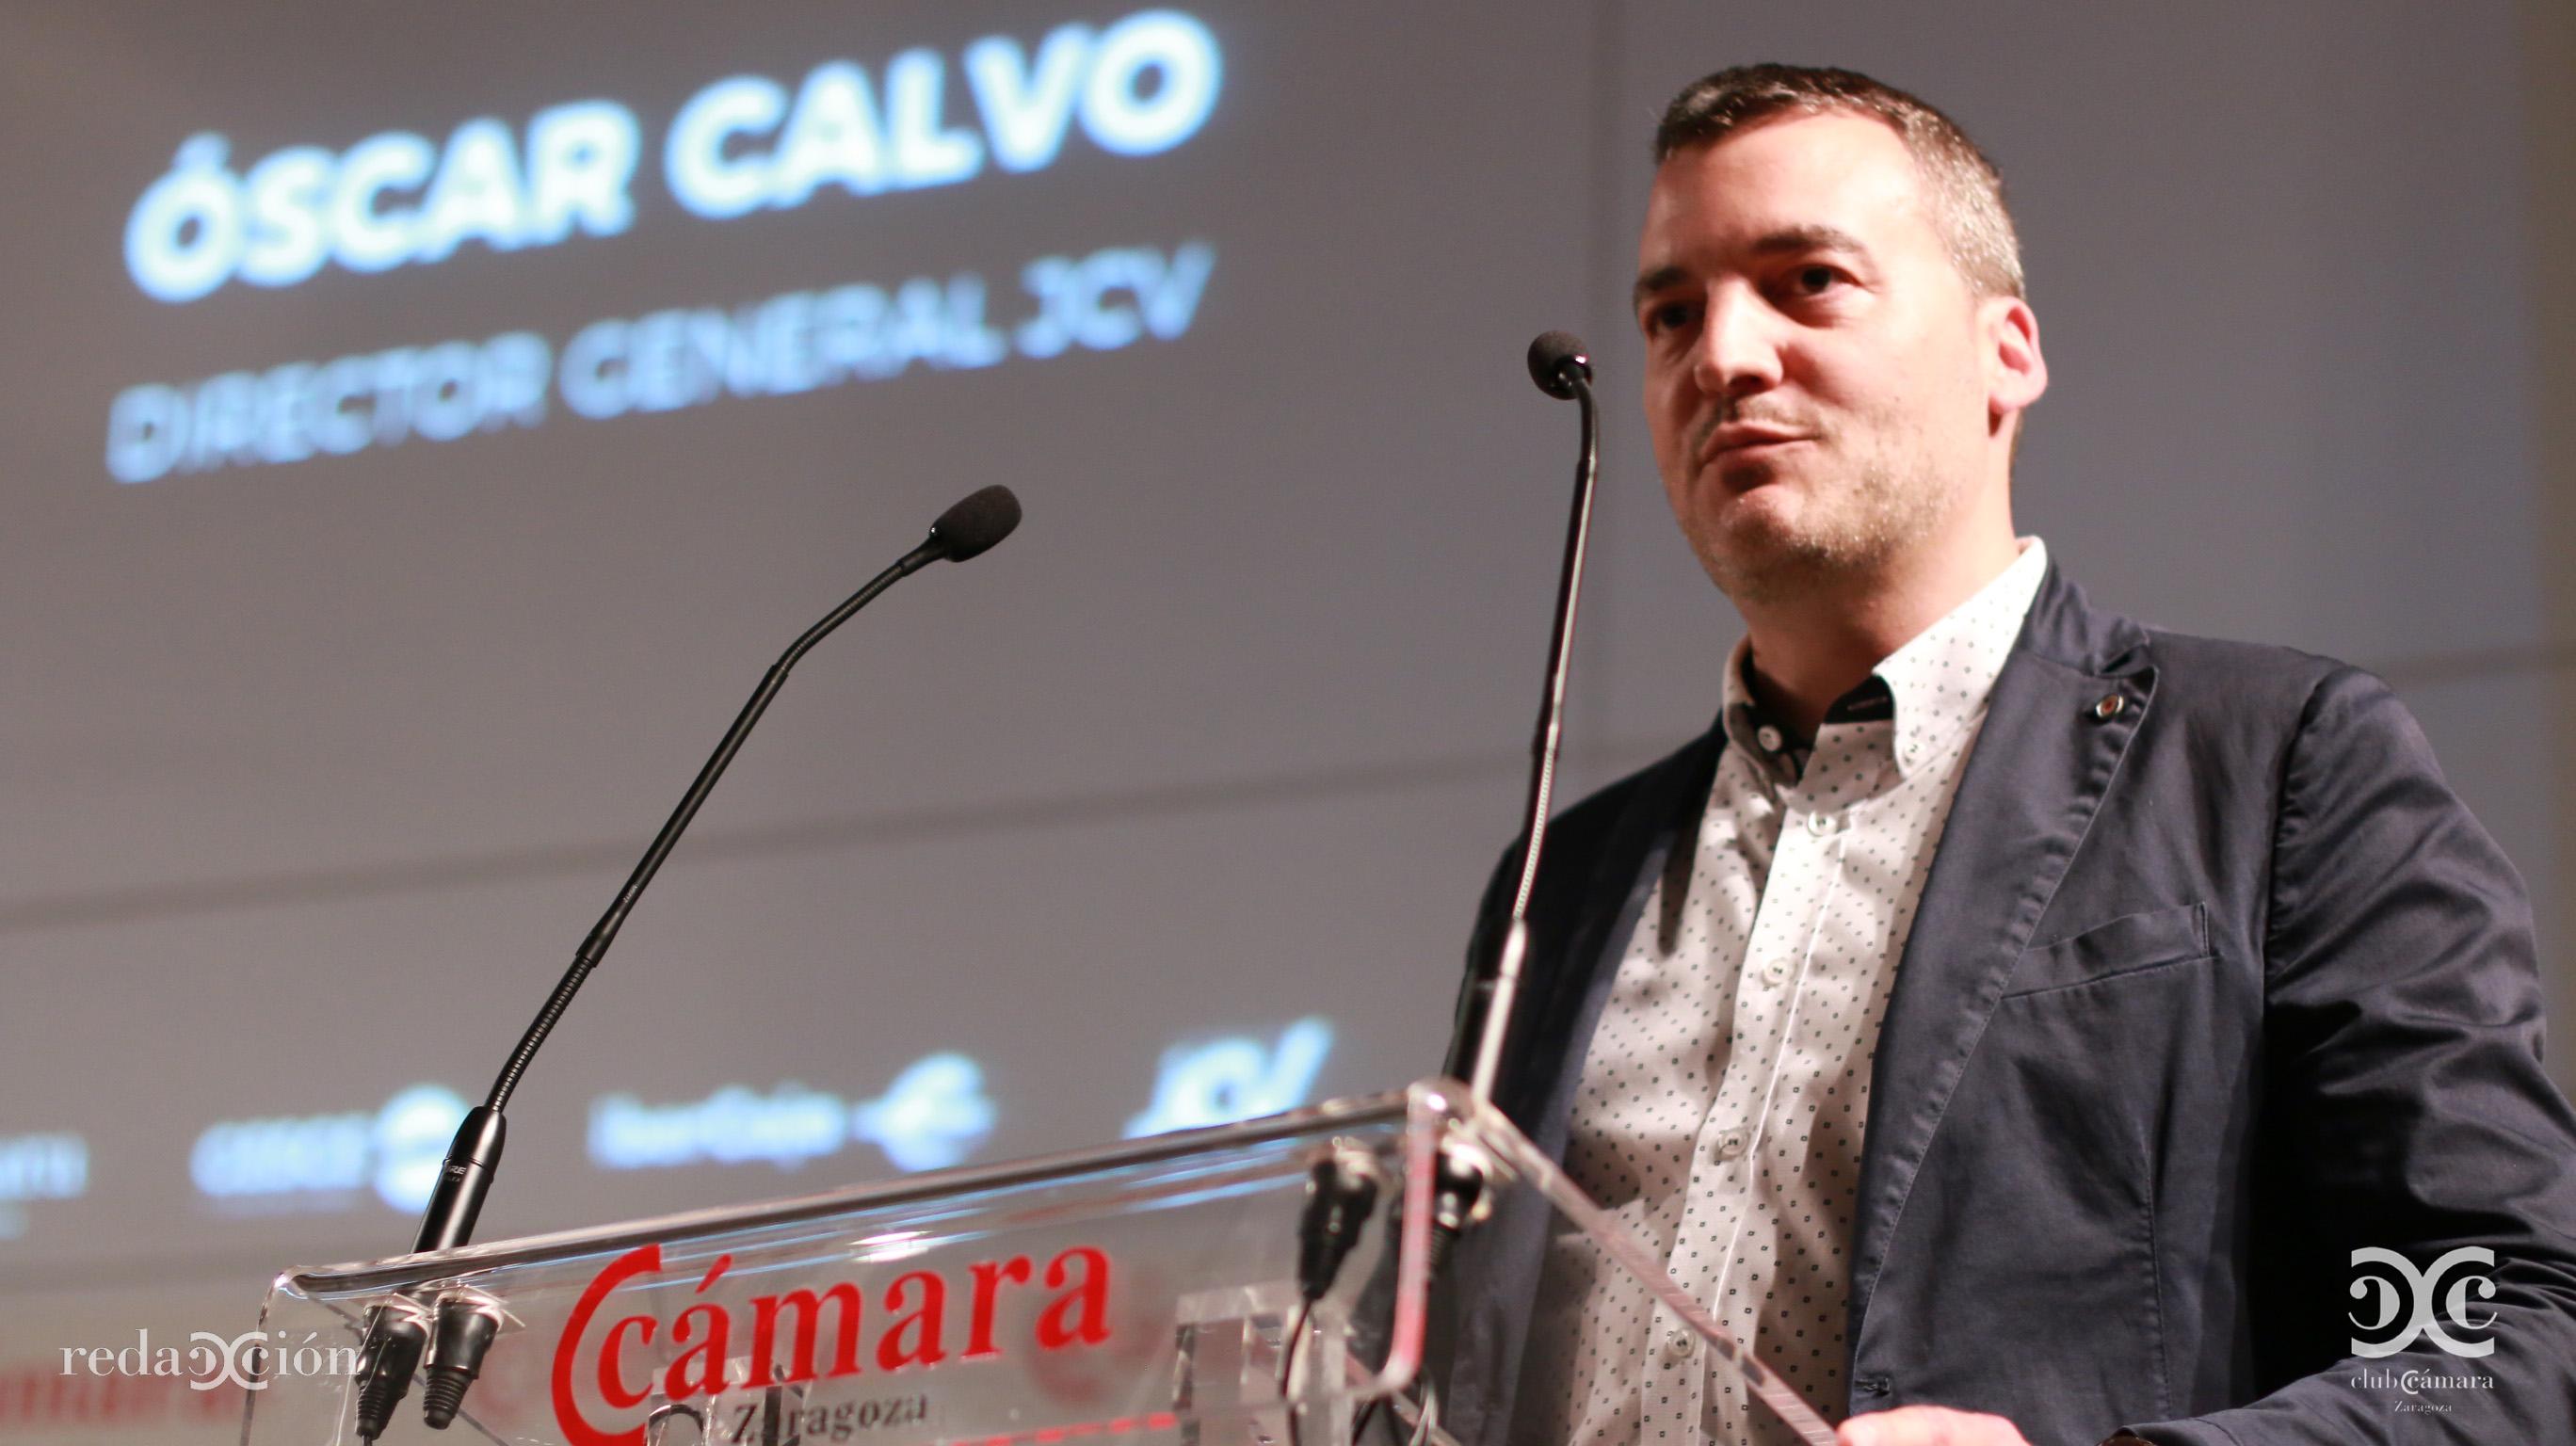 Óscar Calvo, de JCV